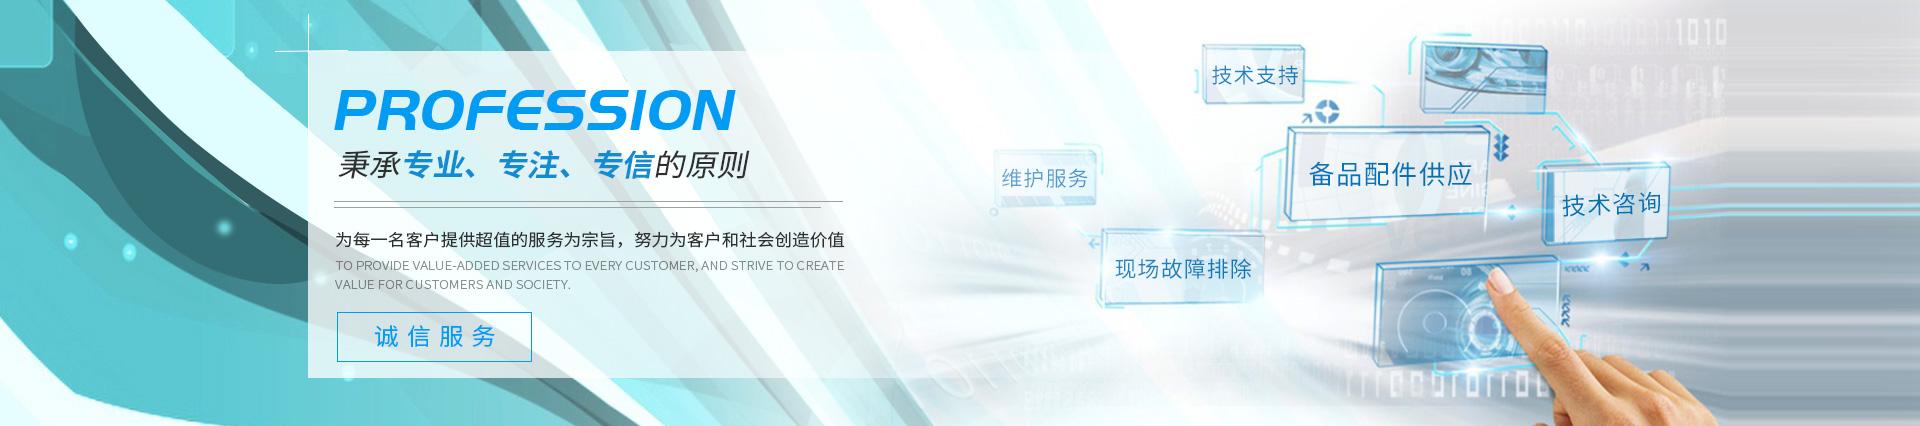 上海亚游仪器科技有限公司